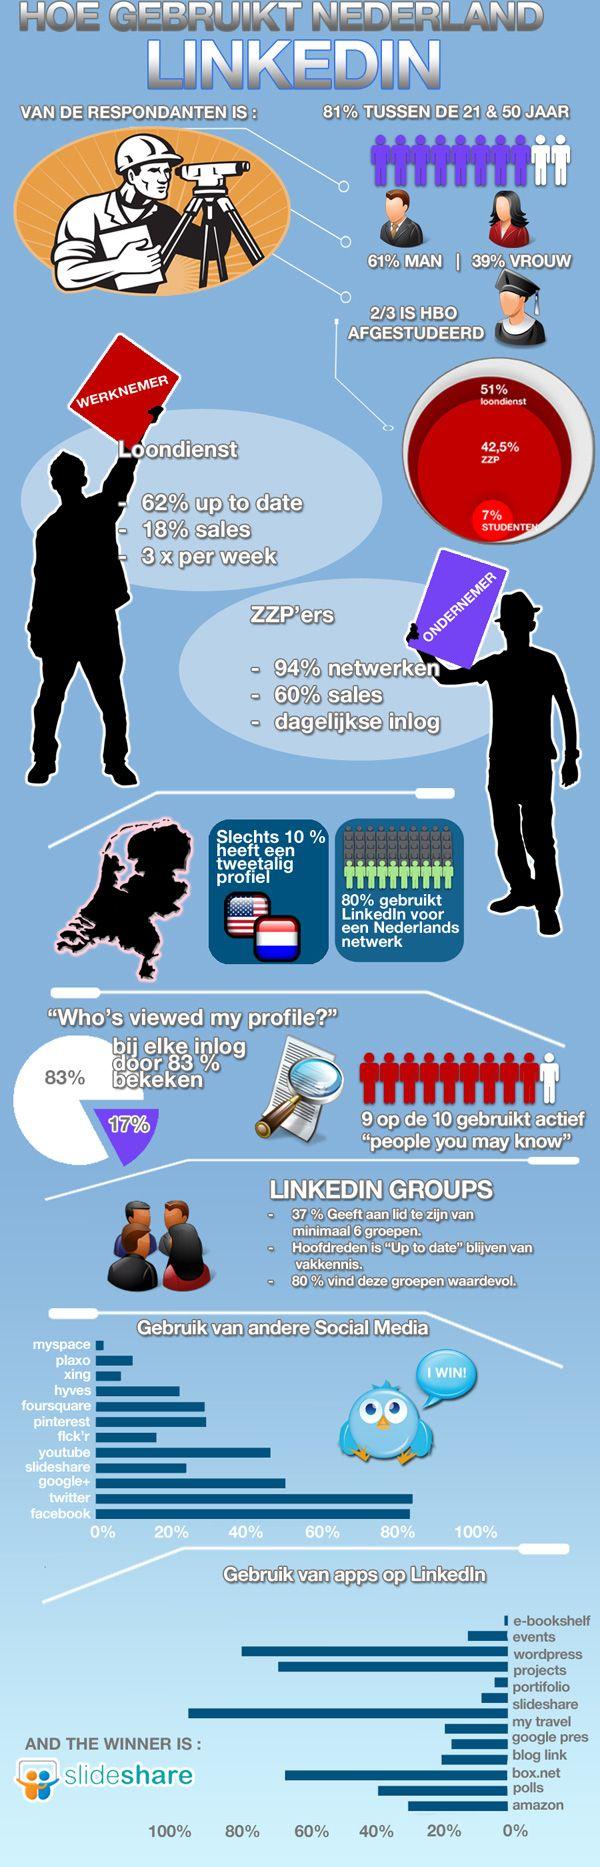 Enquête à propos l'usage du réseau sociaux Linked In